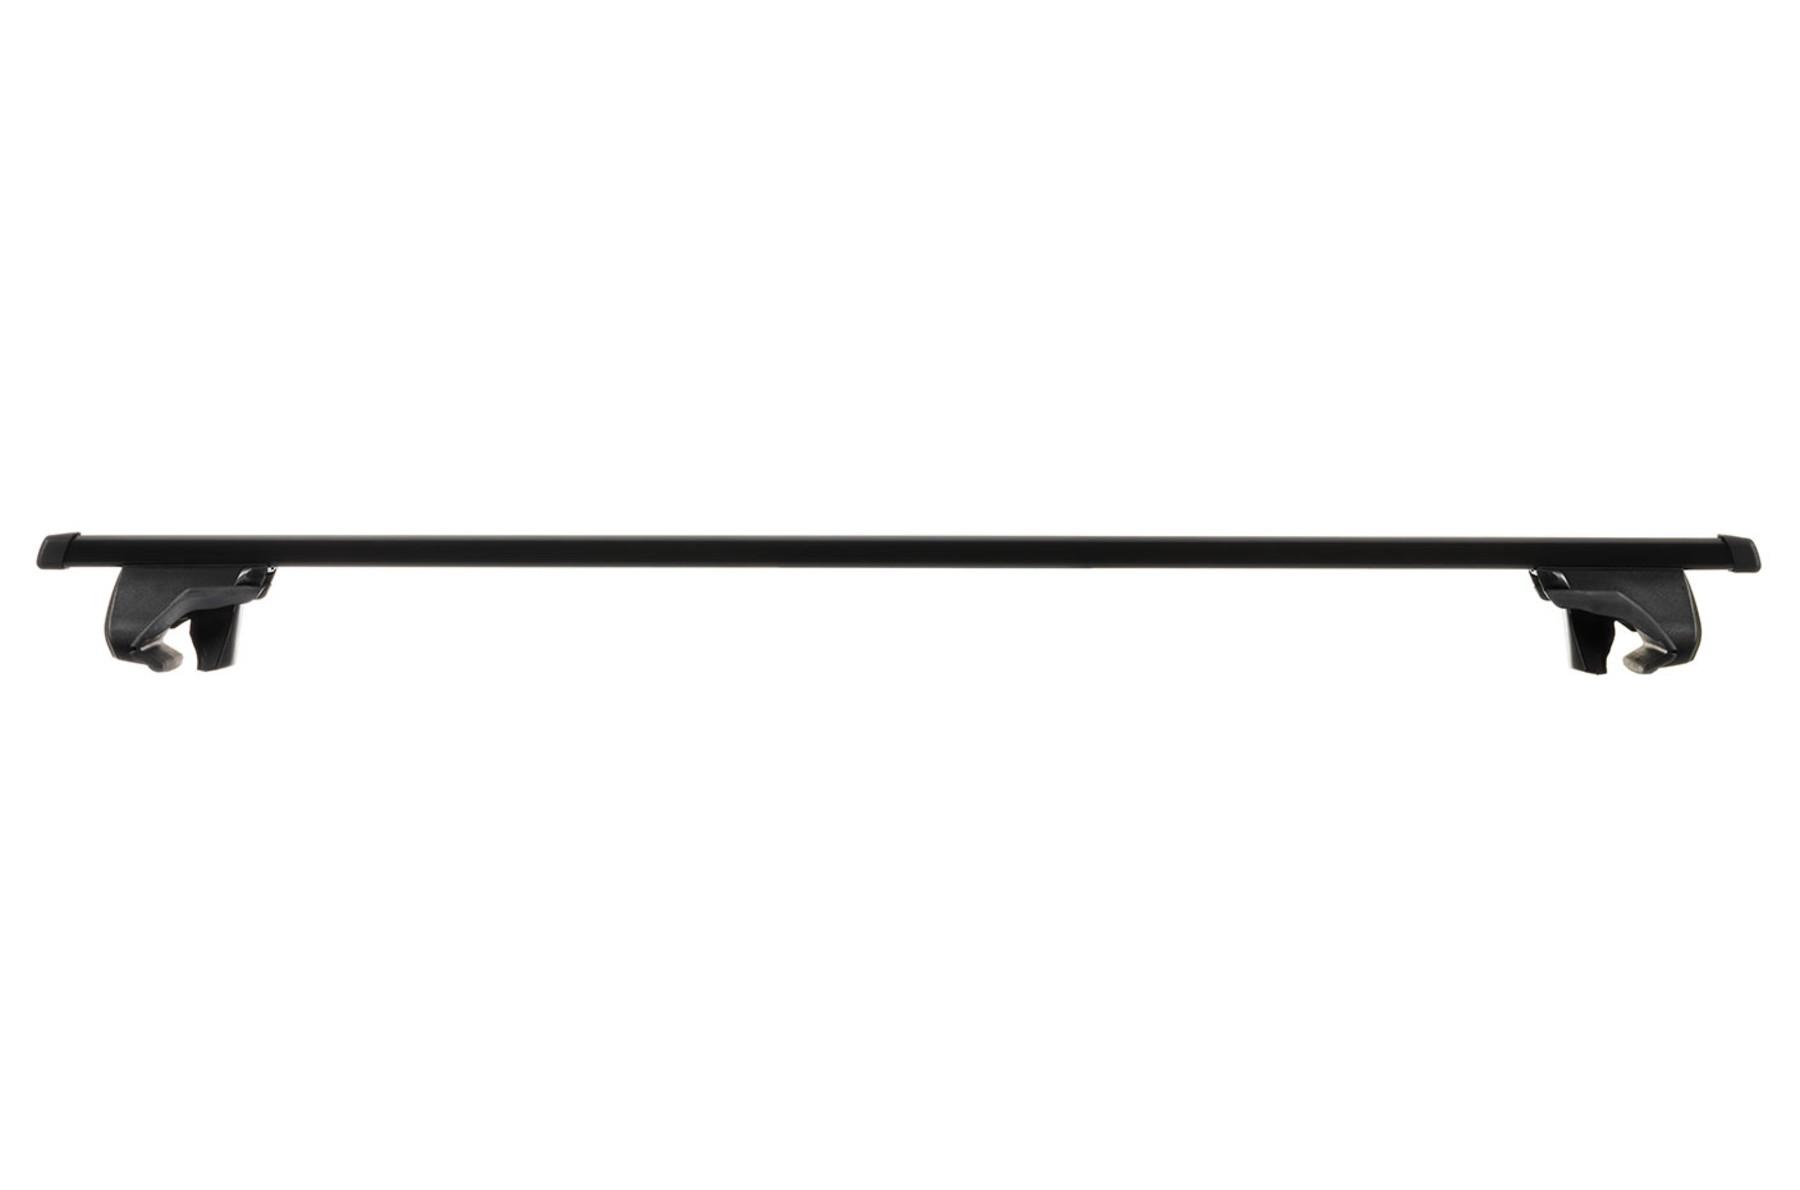 Rack Completo ThuleSmart SquareBar 118cm p/ Longarina (784) THULE